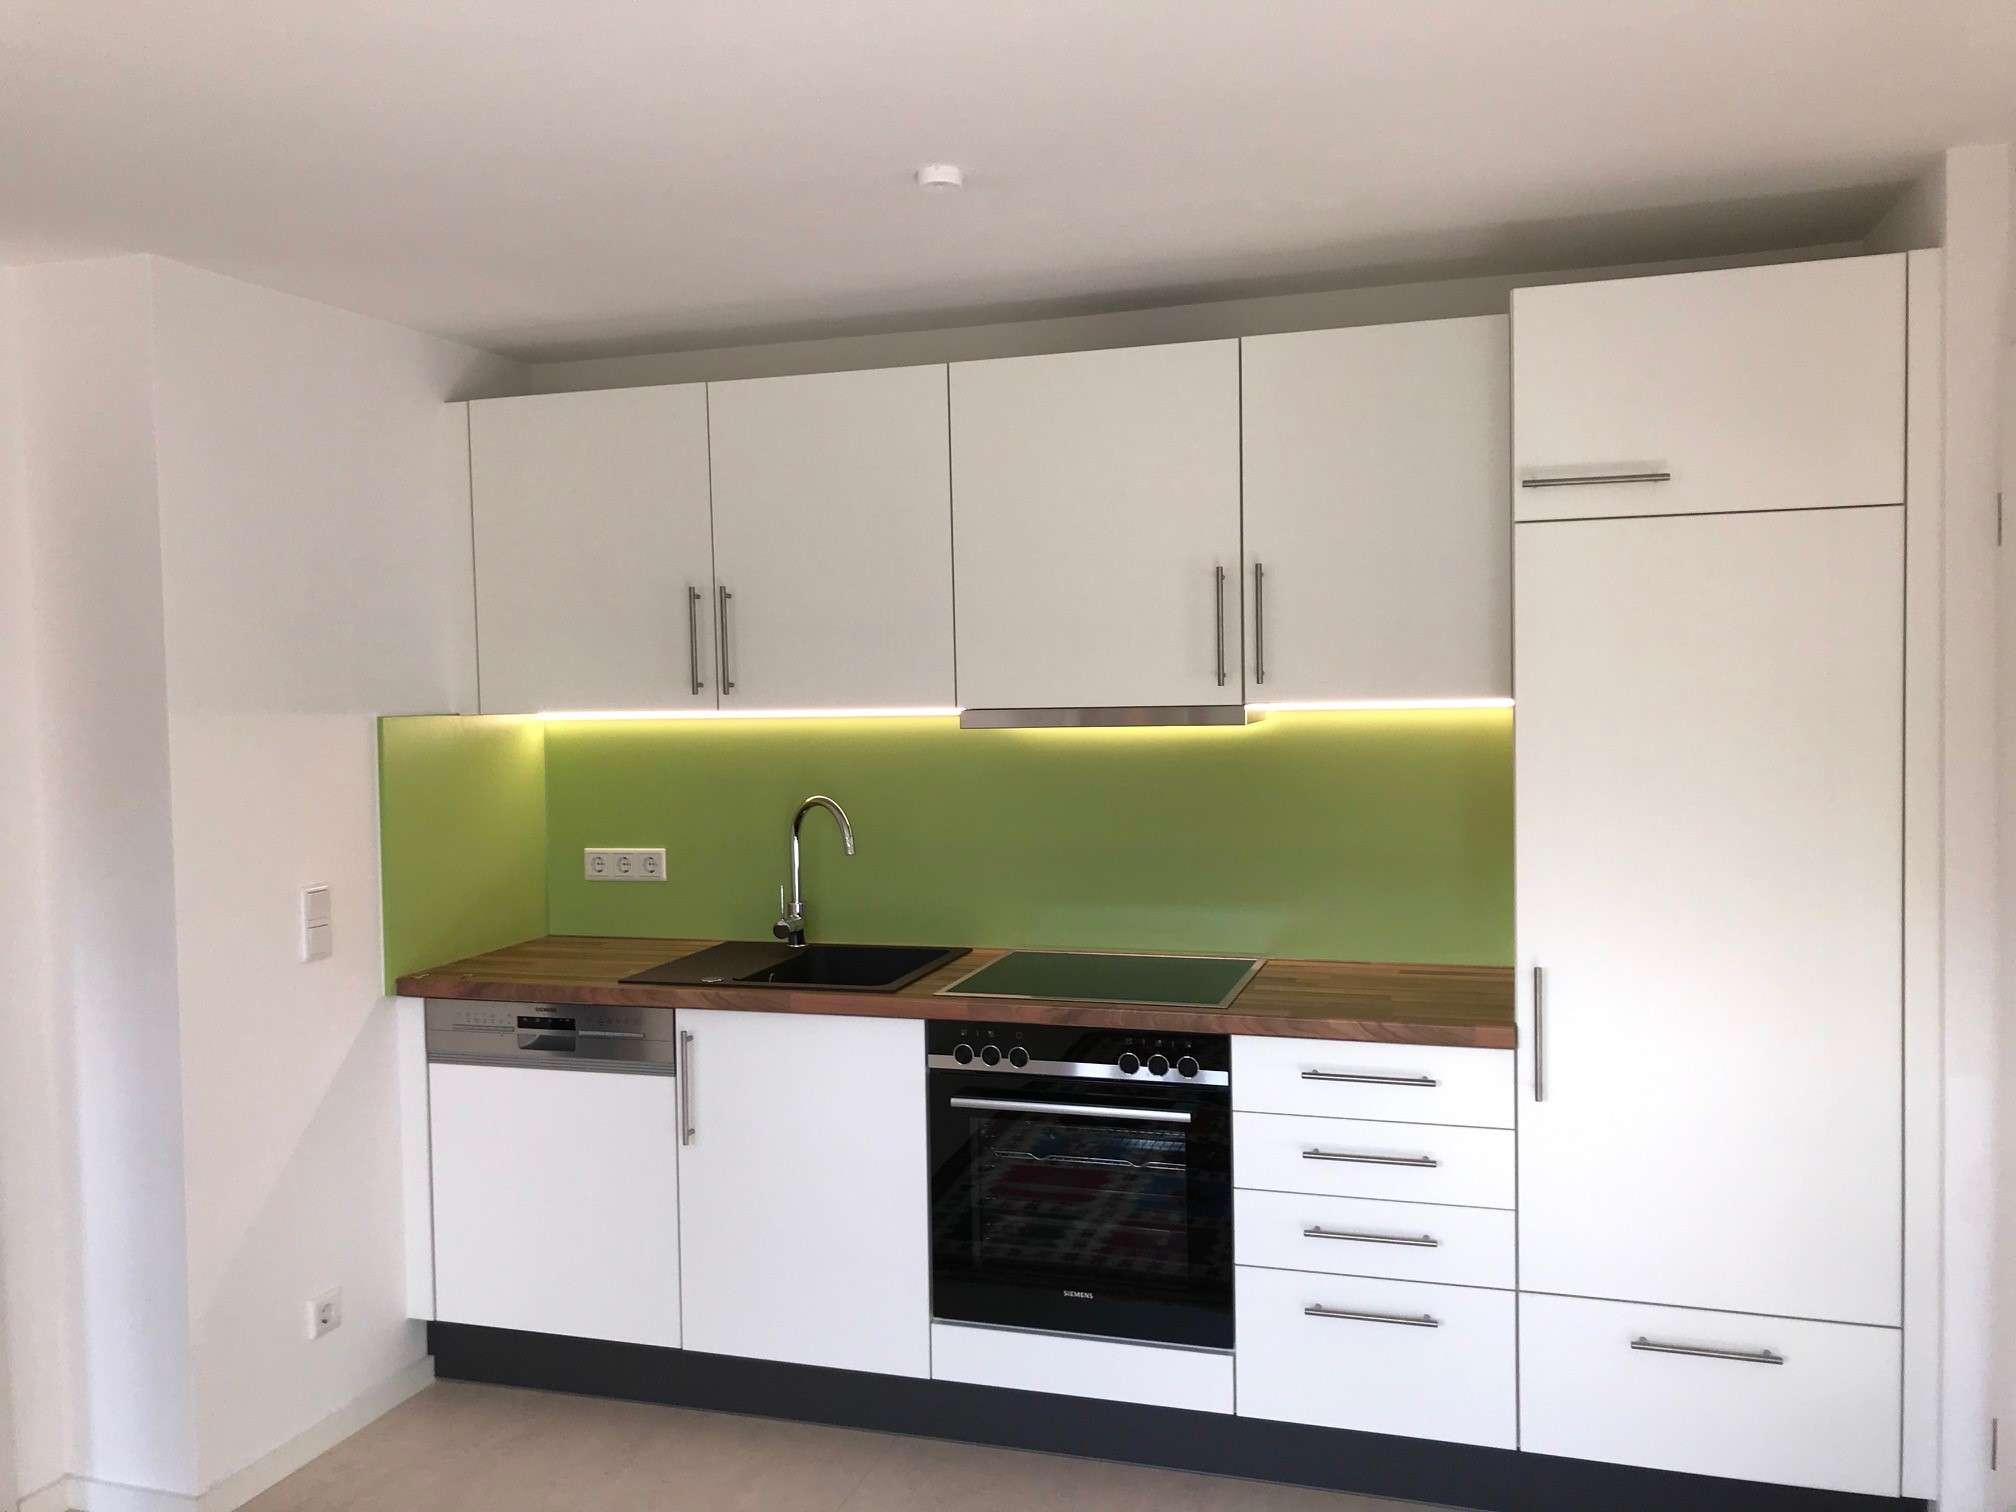 Renovierte 2-Zimmer-Wohnung in S-Bahn Nähe in Pöcking